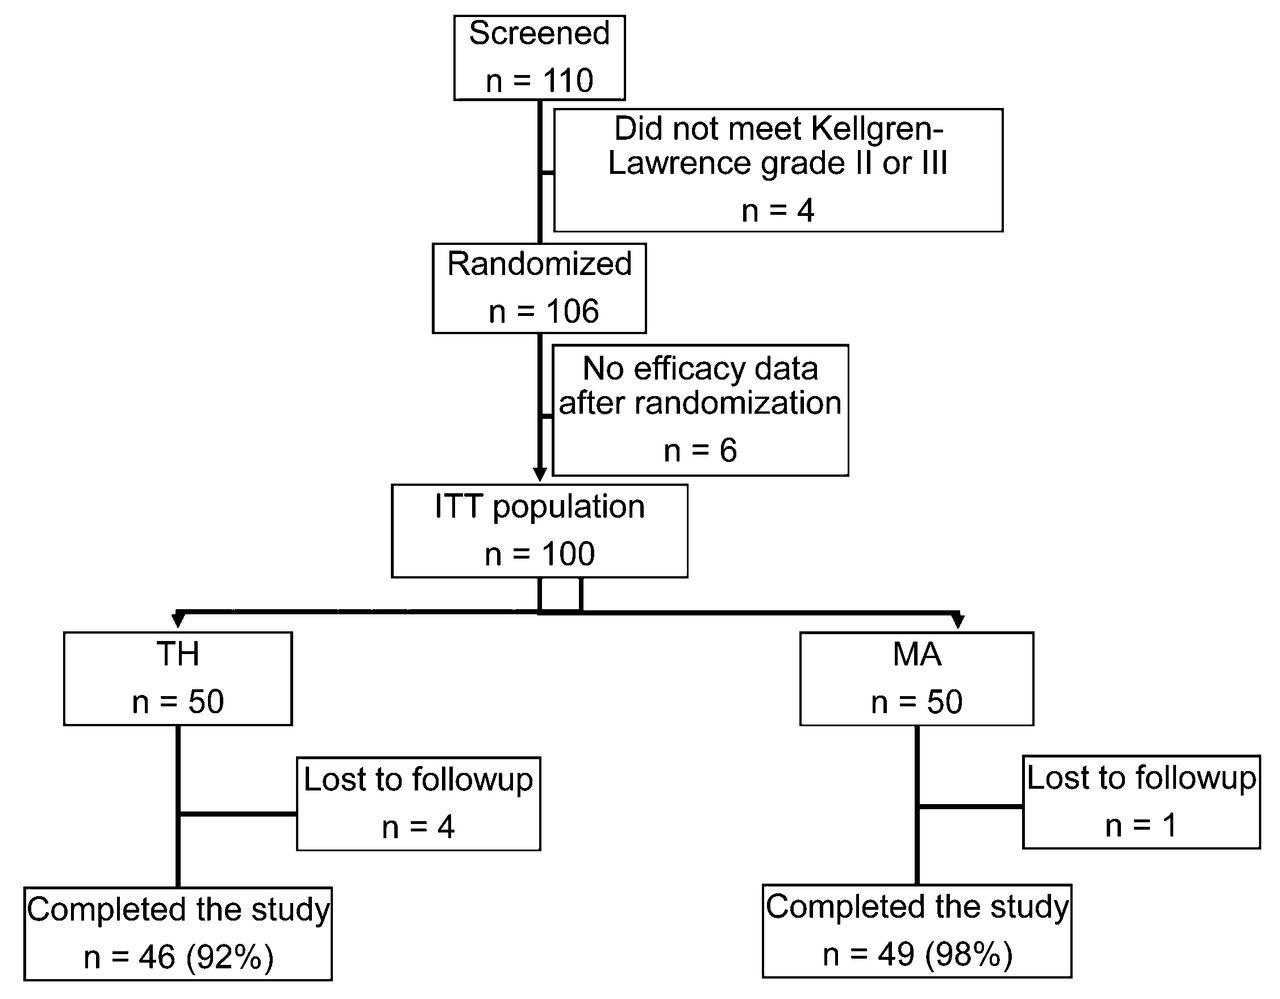 Efficacy of triamcinolone hexacetonide versus methylprednisolone download figure ccuart Gallery